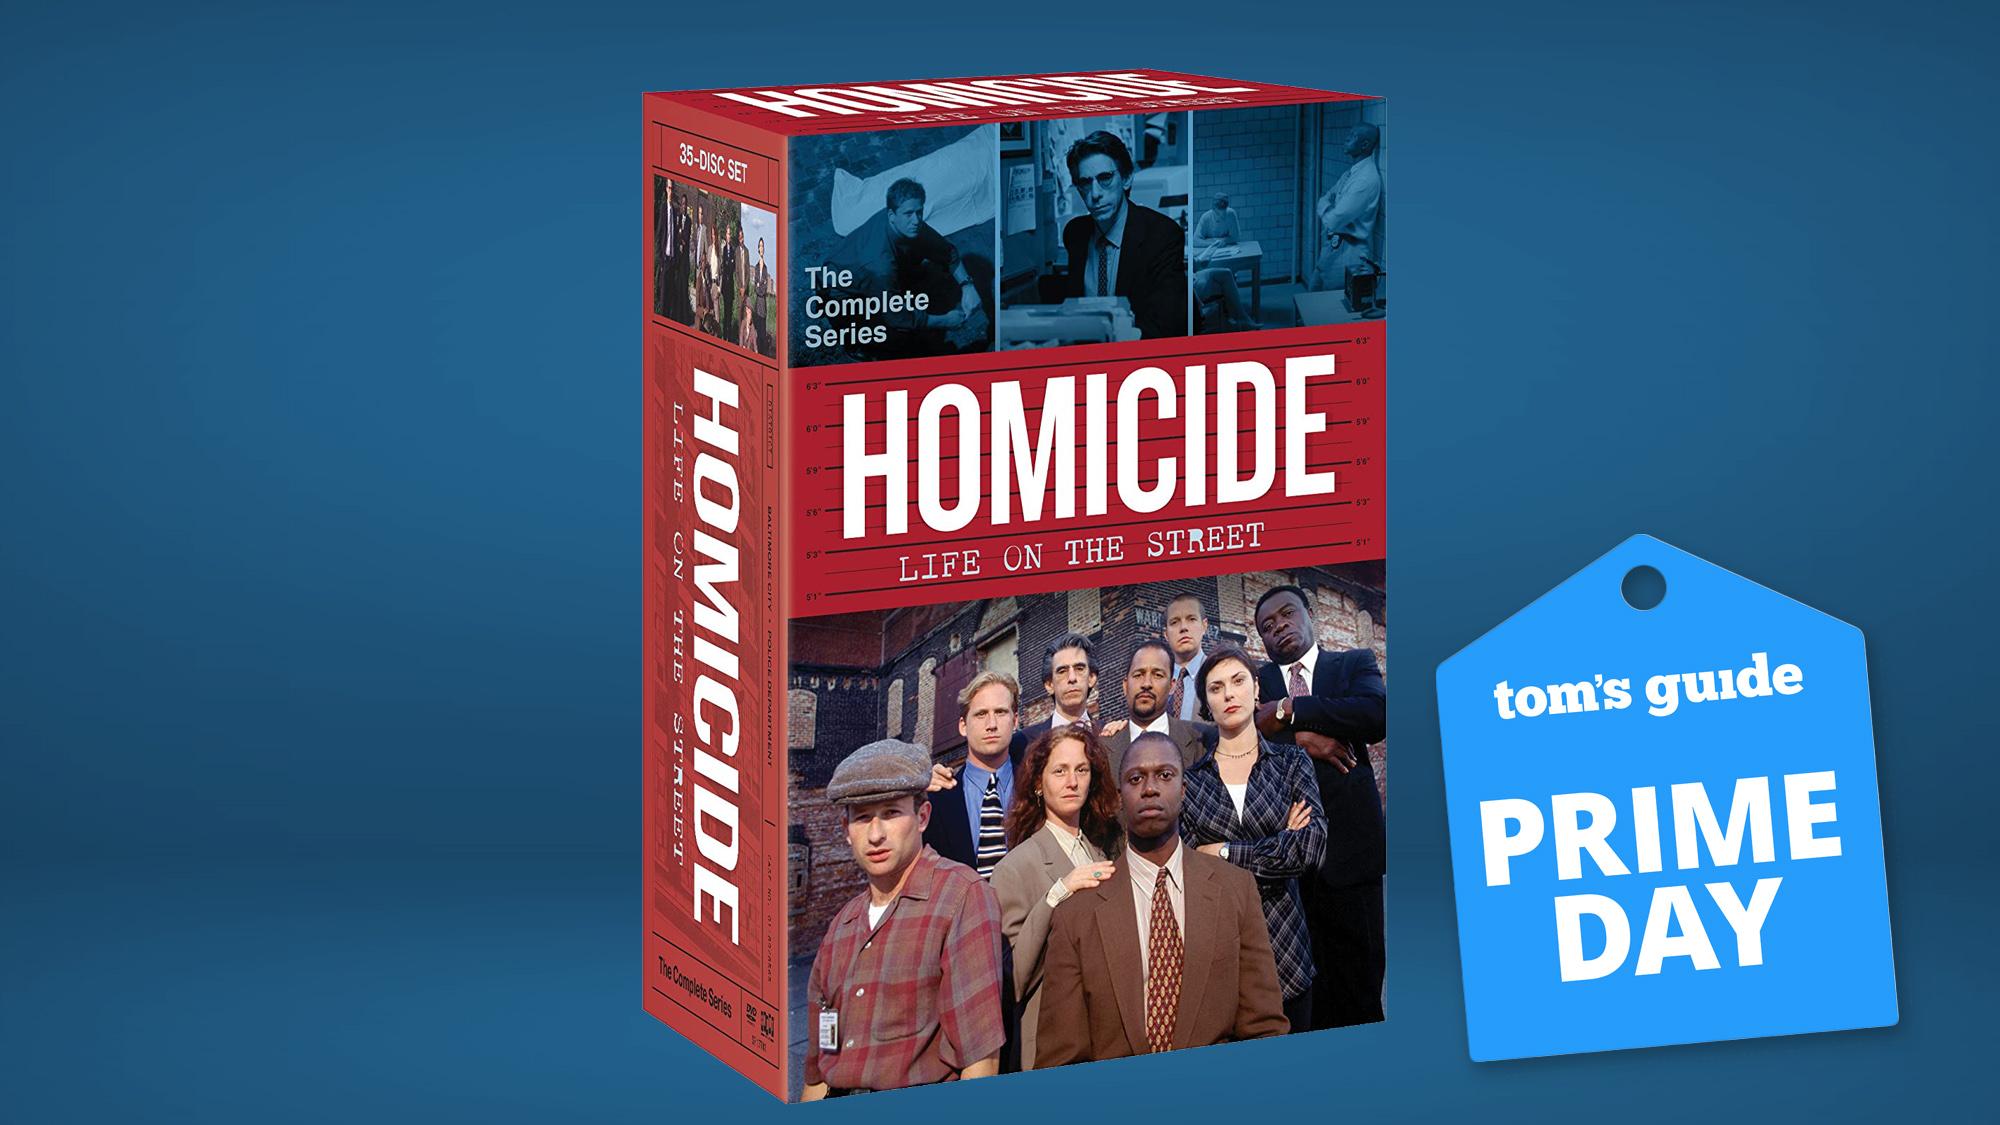 Homicide deal